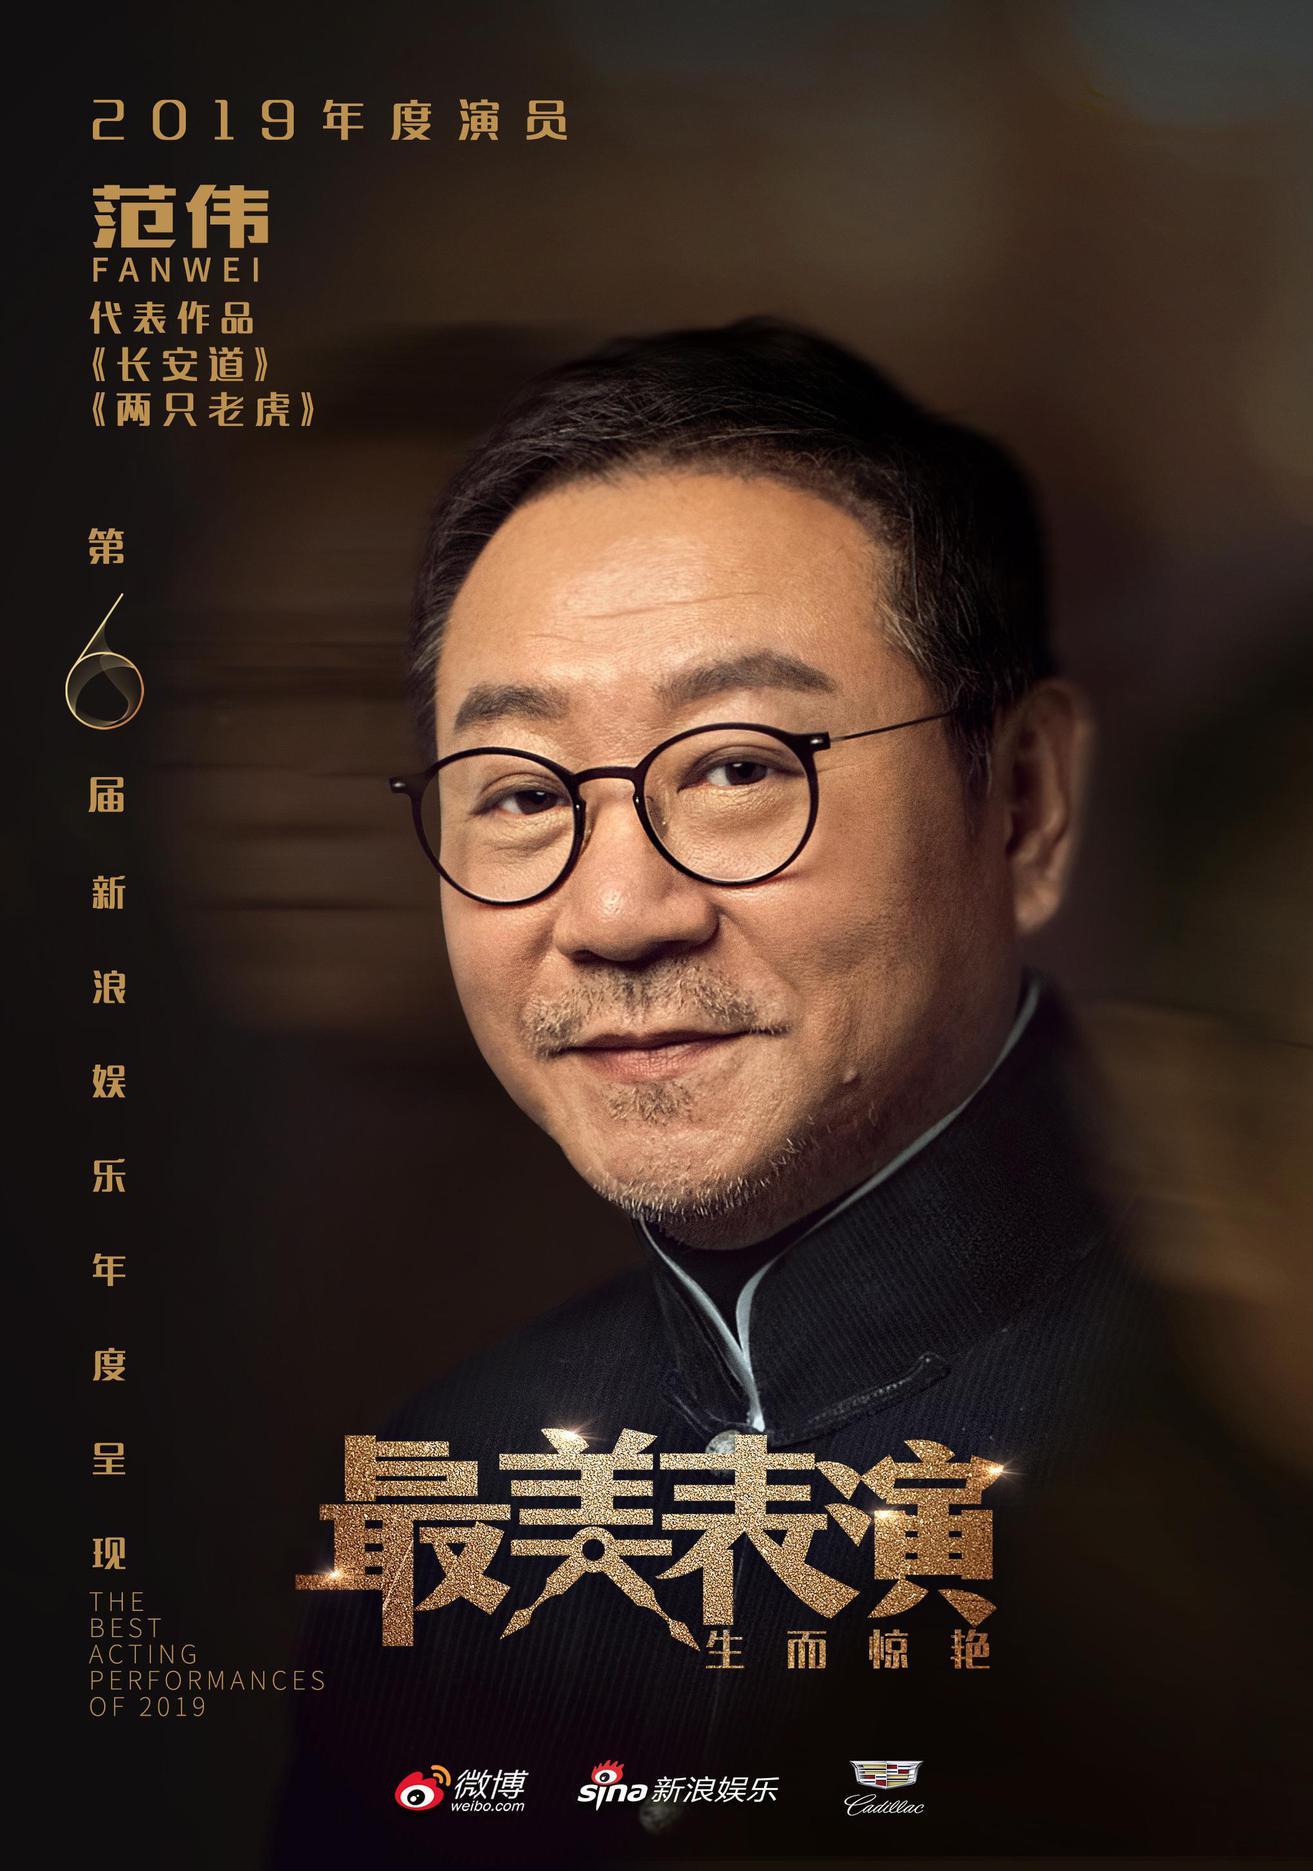 2019最美表演-范伟